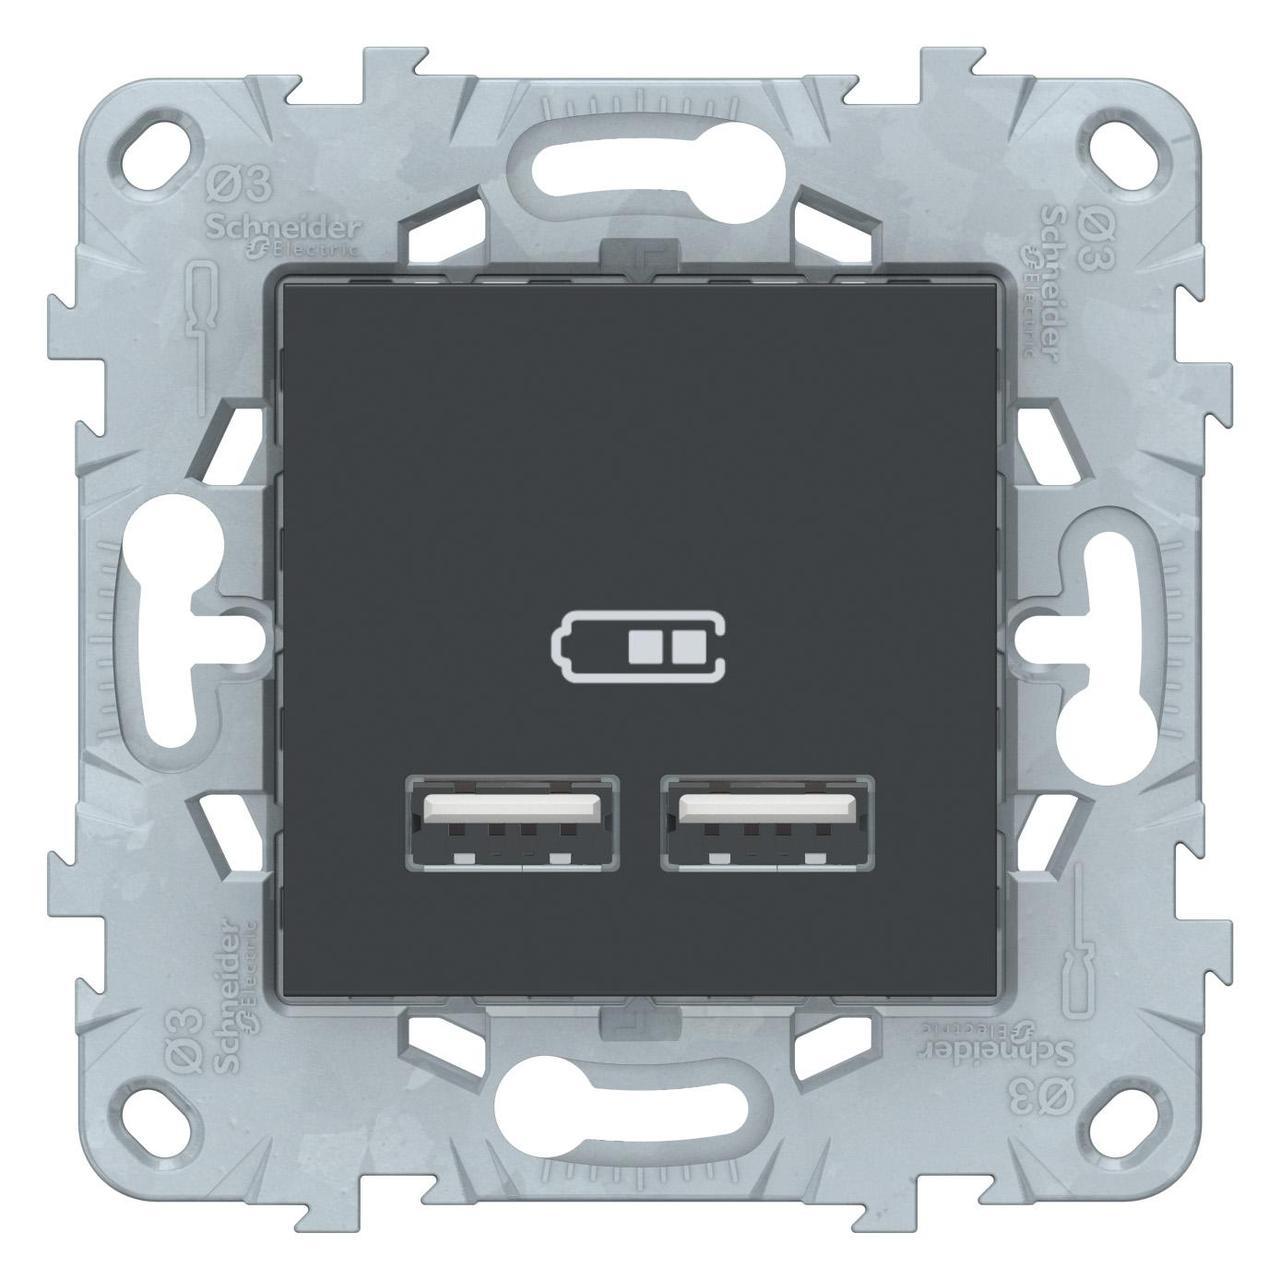 Розетка USB 2-ая (для подзарядки) , Антрацит, серия Unica New, Schneider Electric